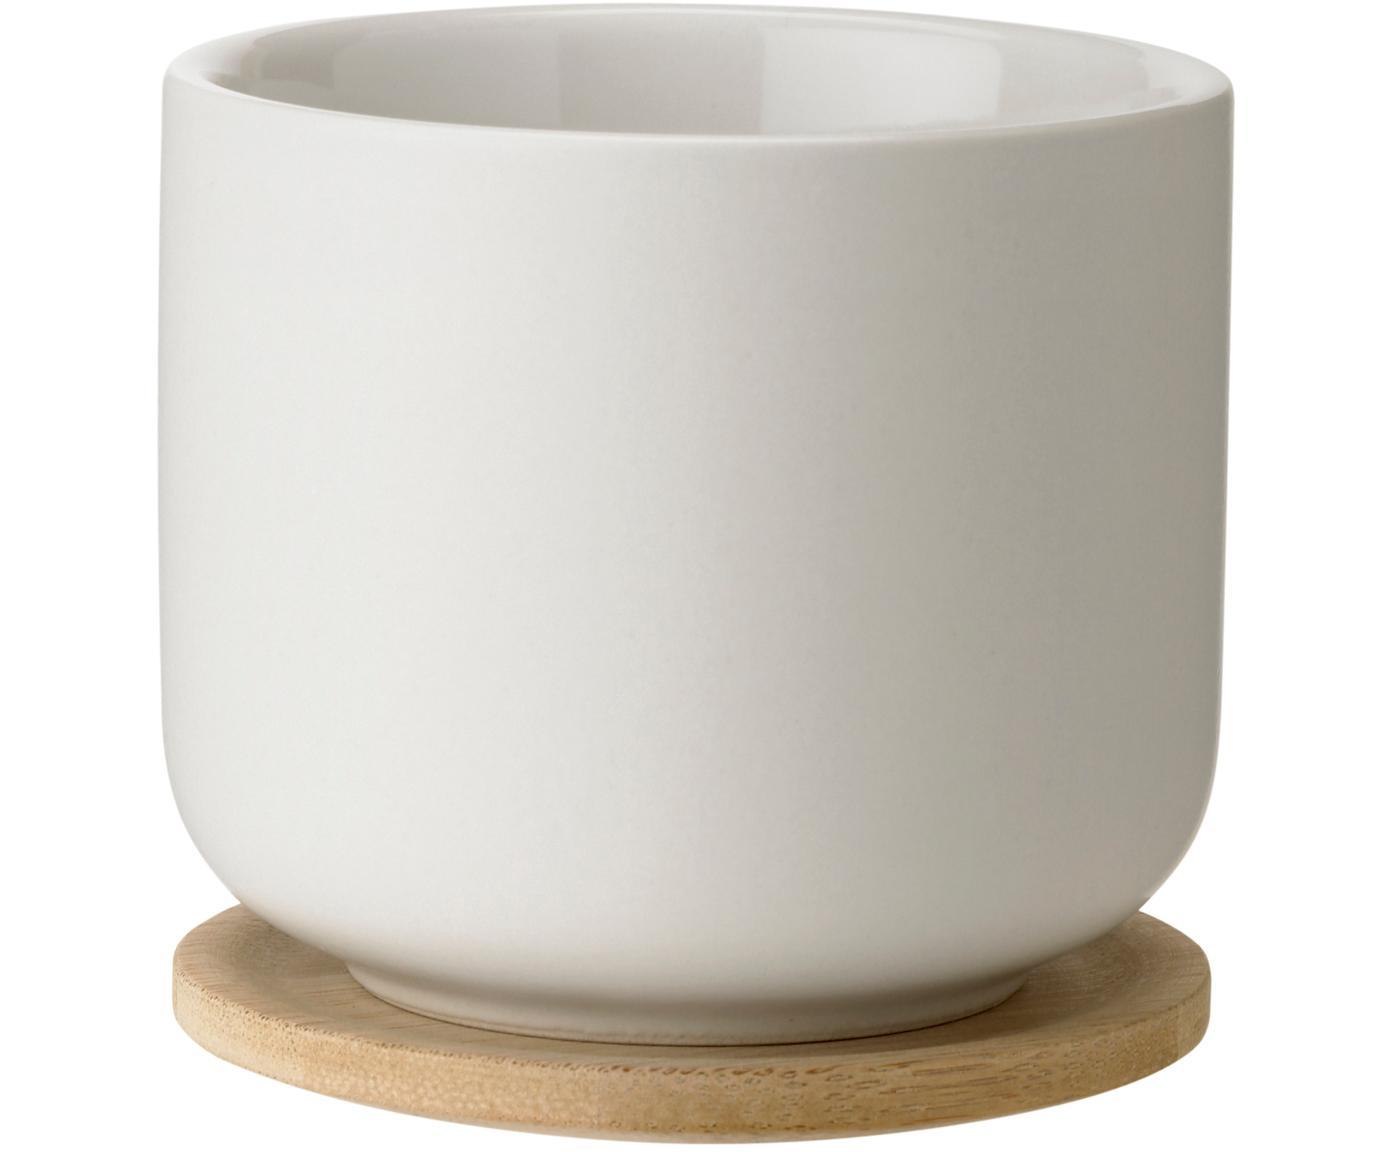 Beker Theo met deksel/onderzetter, Beker: keramiek, Onderzetter: bamboehout, Gebroken wit, bamboekleurig, Ø 9 x H 9 cm